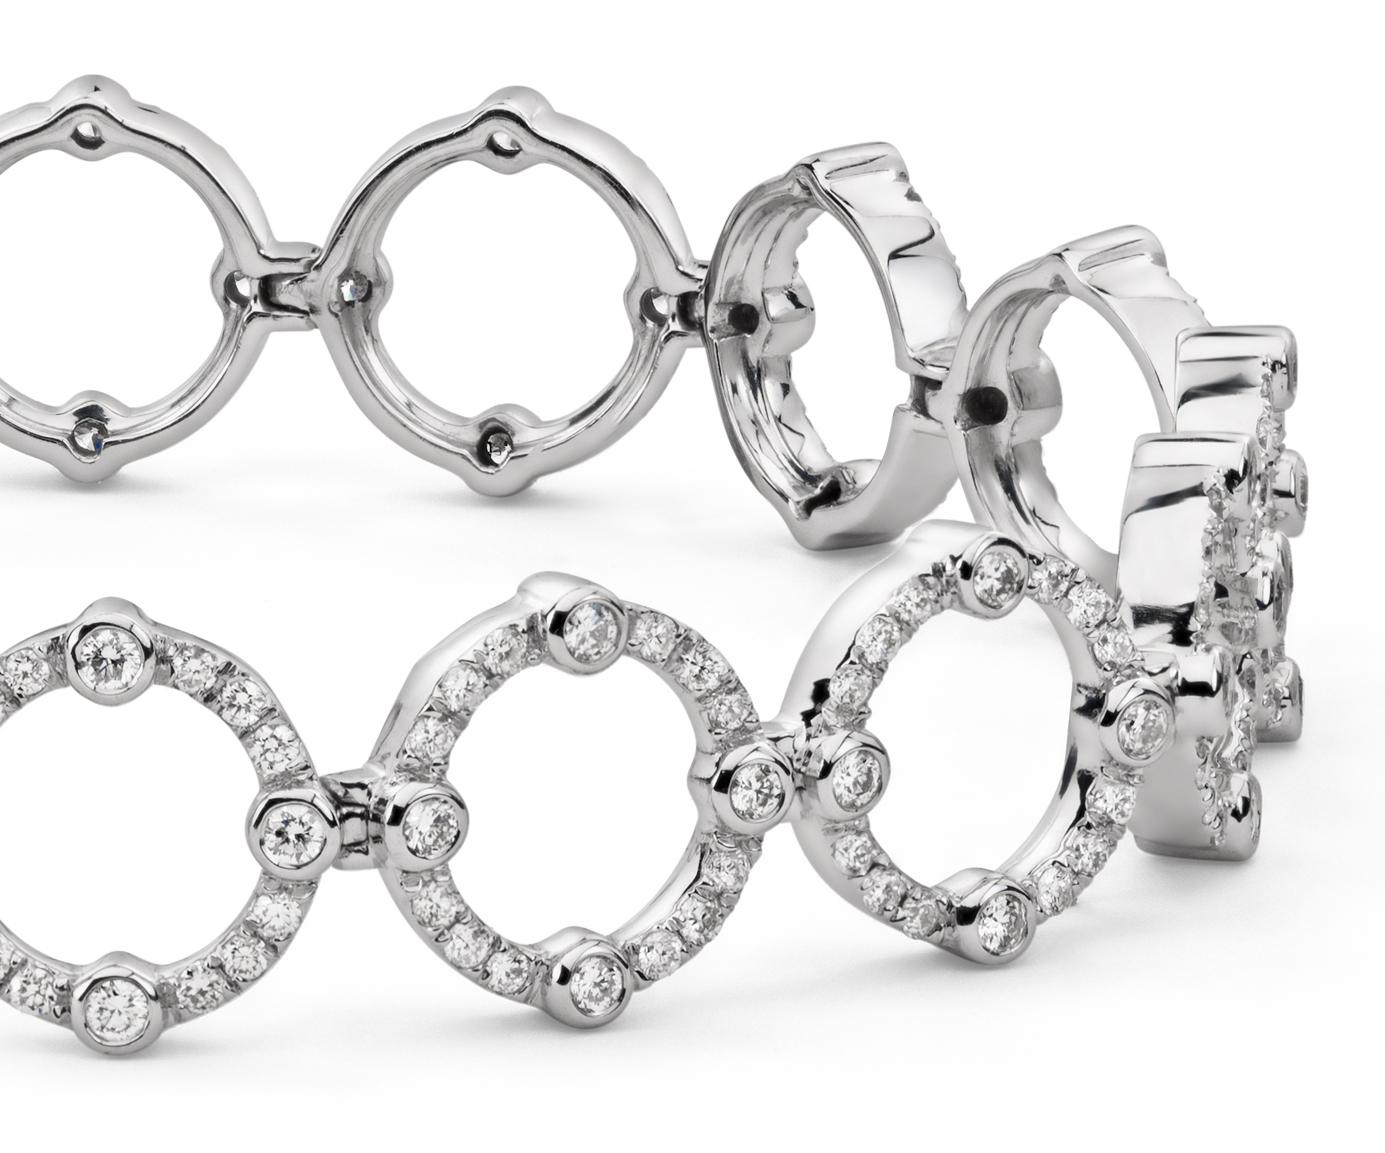 Brazalete de diamantes decorativo de Monique Lhuillier en oro blanco de 18 k (2 qt. total)